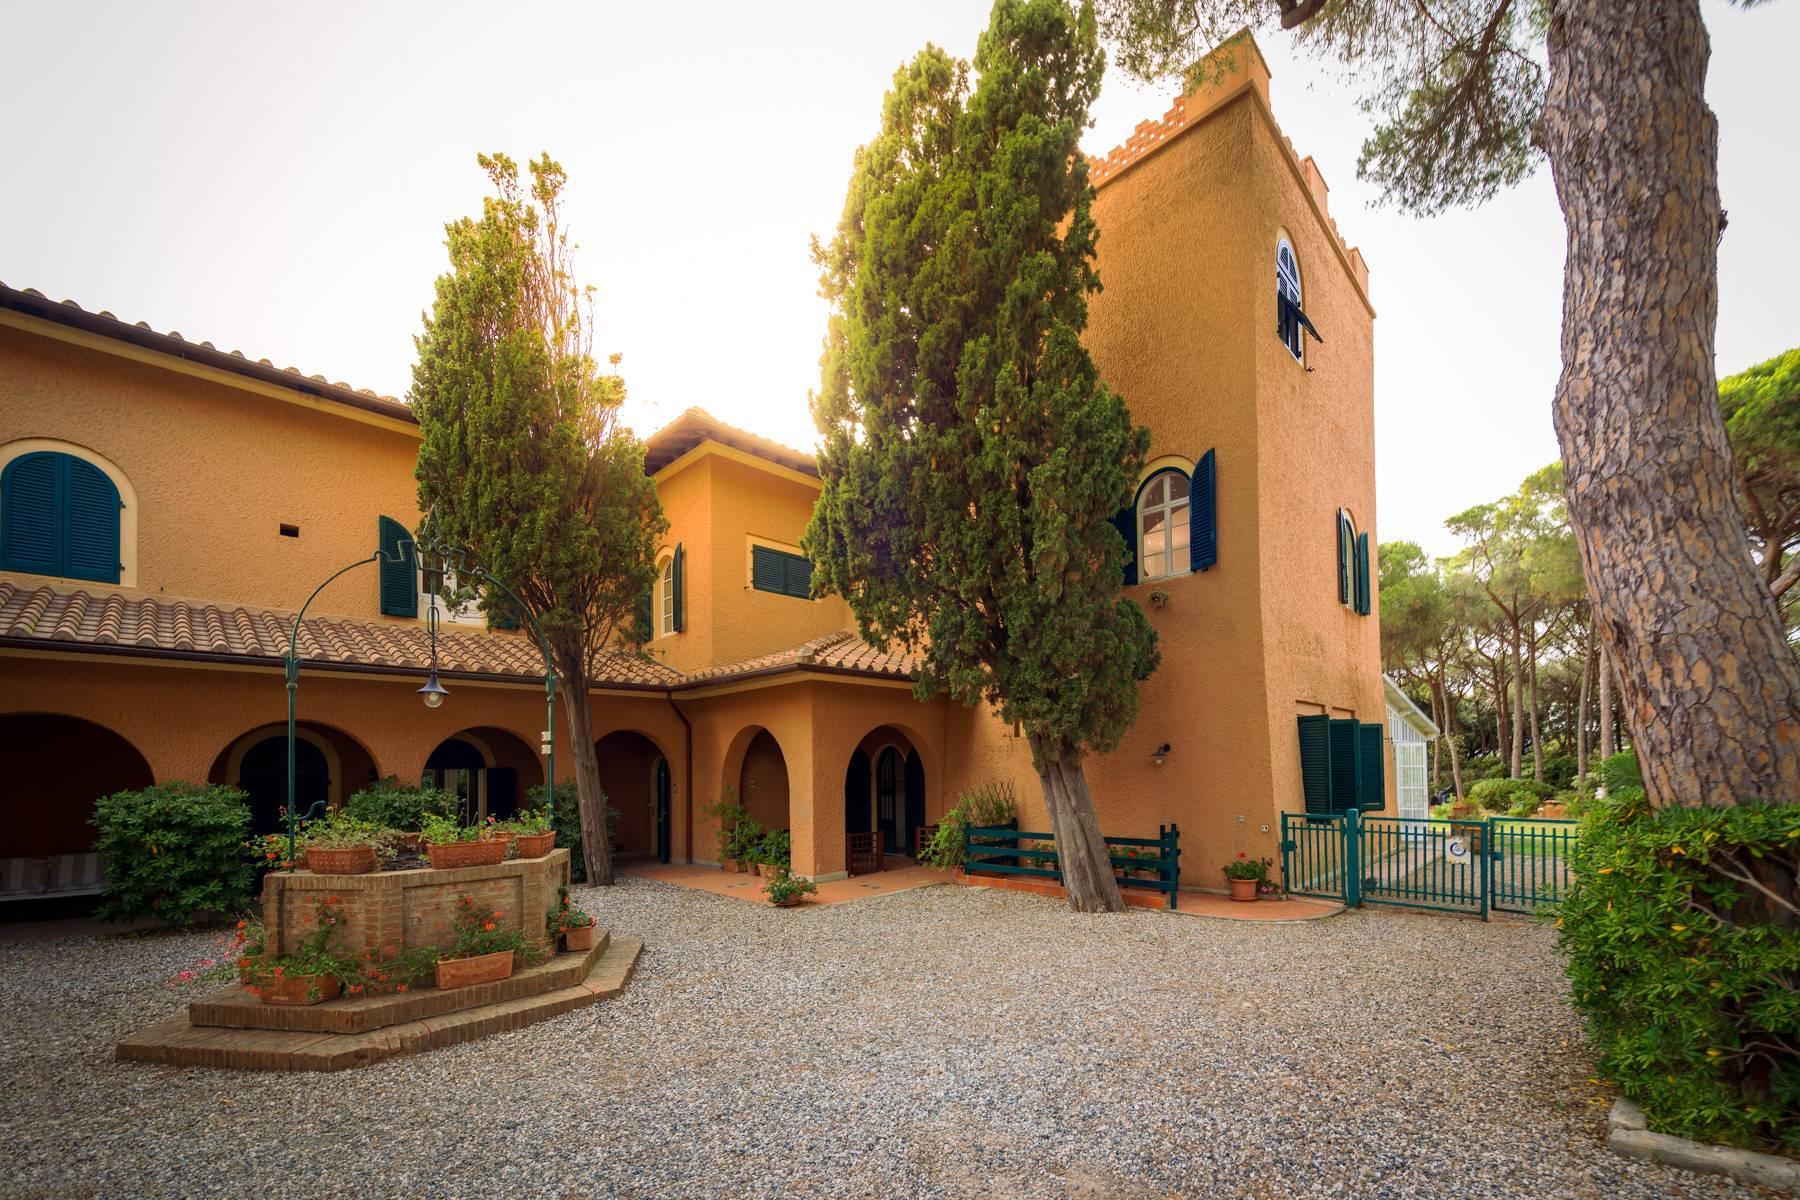 Appartamento con giardino privato ed accesso al mare in villa storica - 4